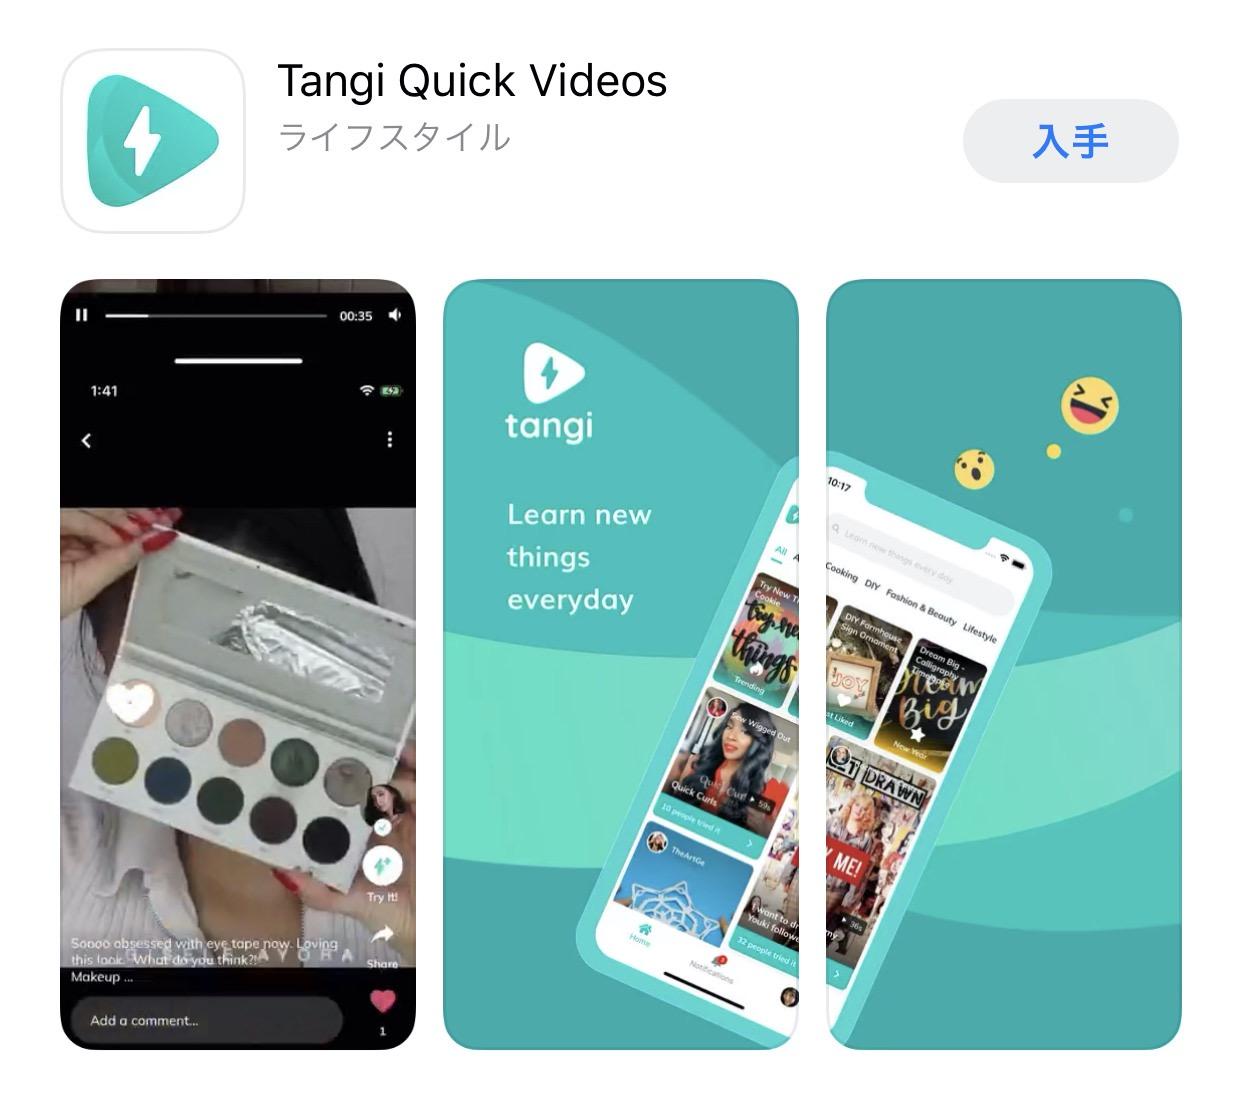 Google、60秒のハウツー動画を共有するアプリ「Tangi」リリース  〜ハウツー動画を日本ではヤフーが先行してリリース